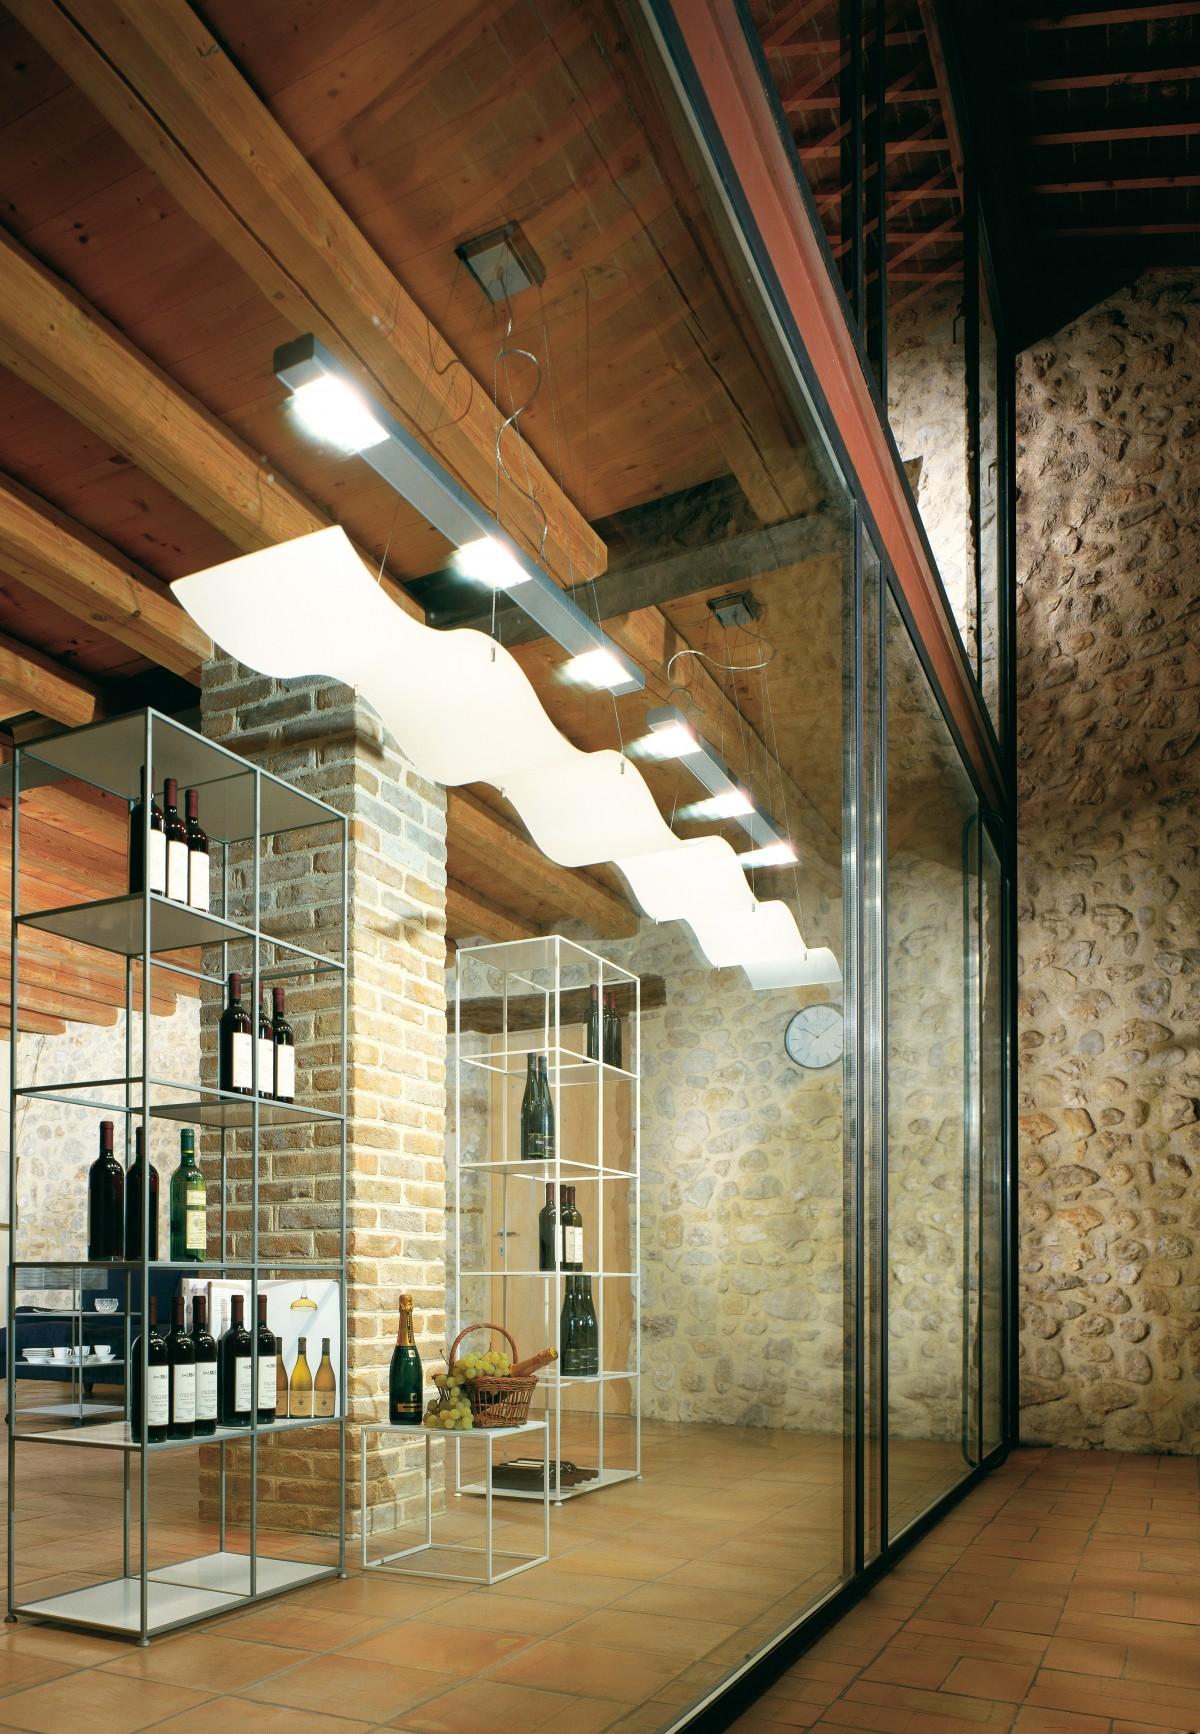 무료 이미지 : 빛, 바닥, 천장, 홀, 조명, 인테리어 디자인, 로비 ...